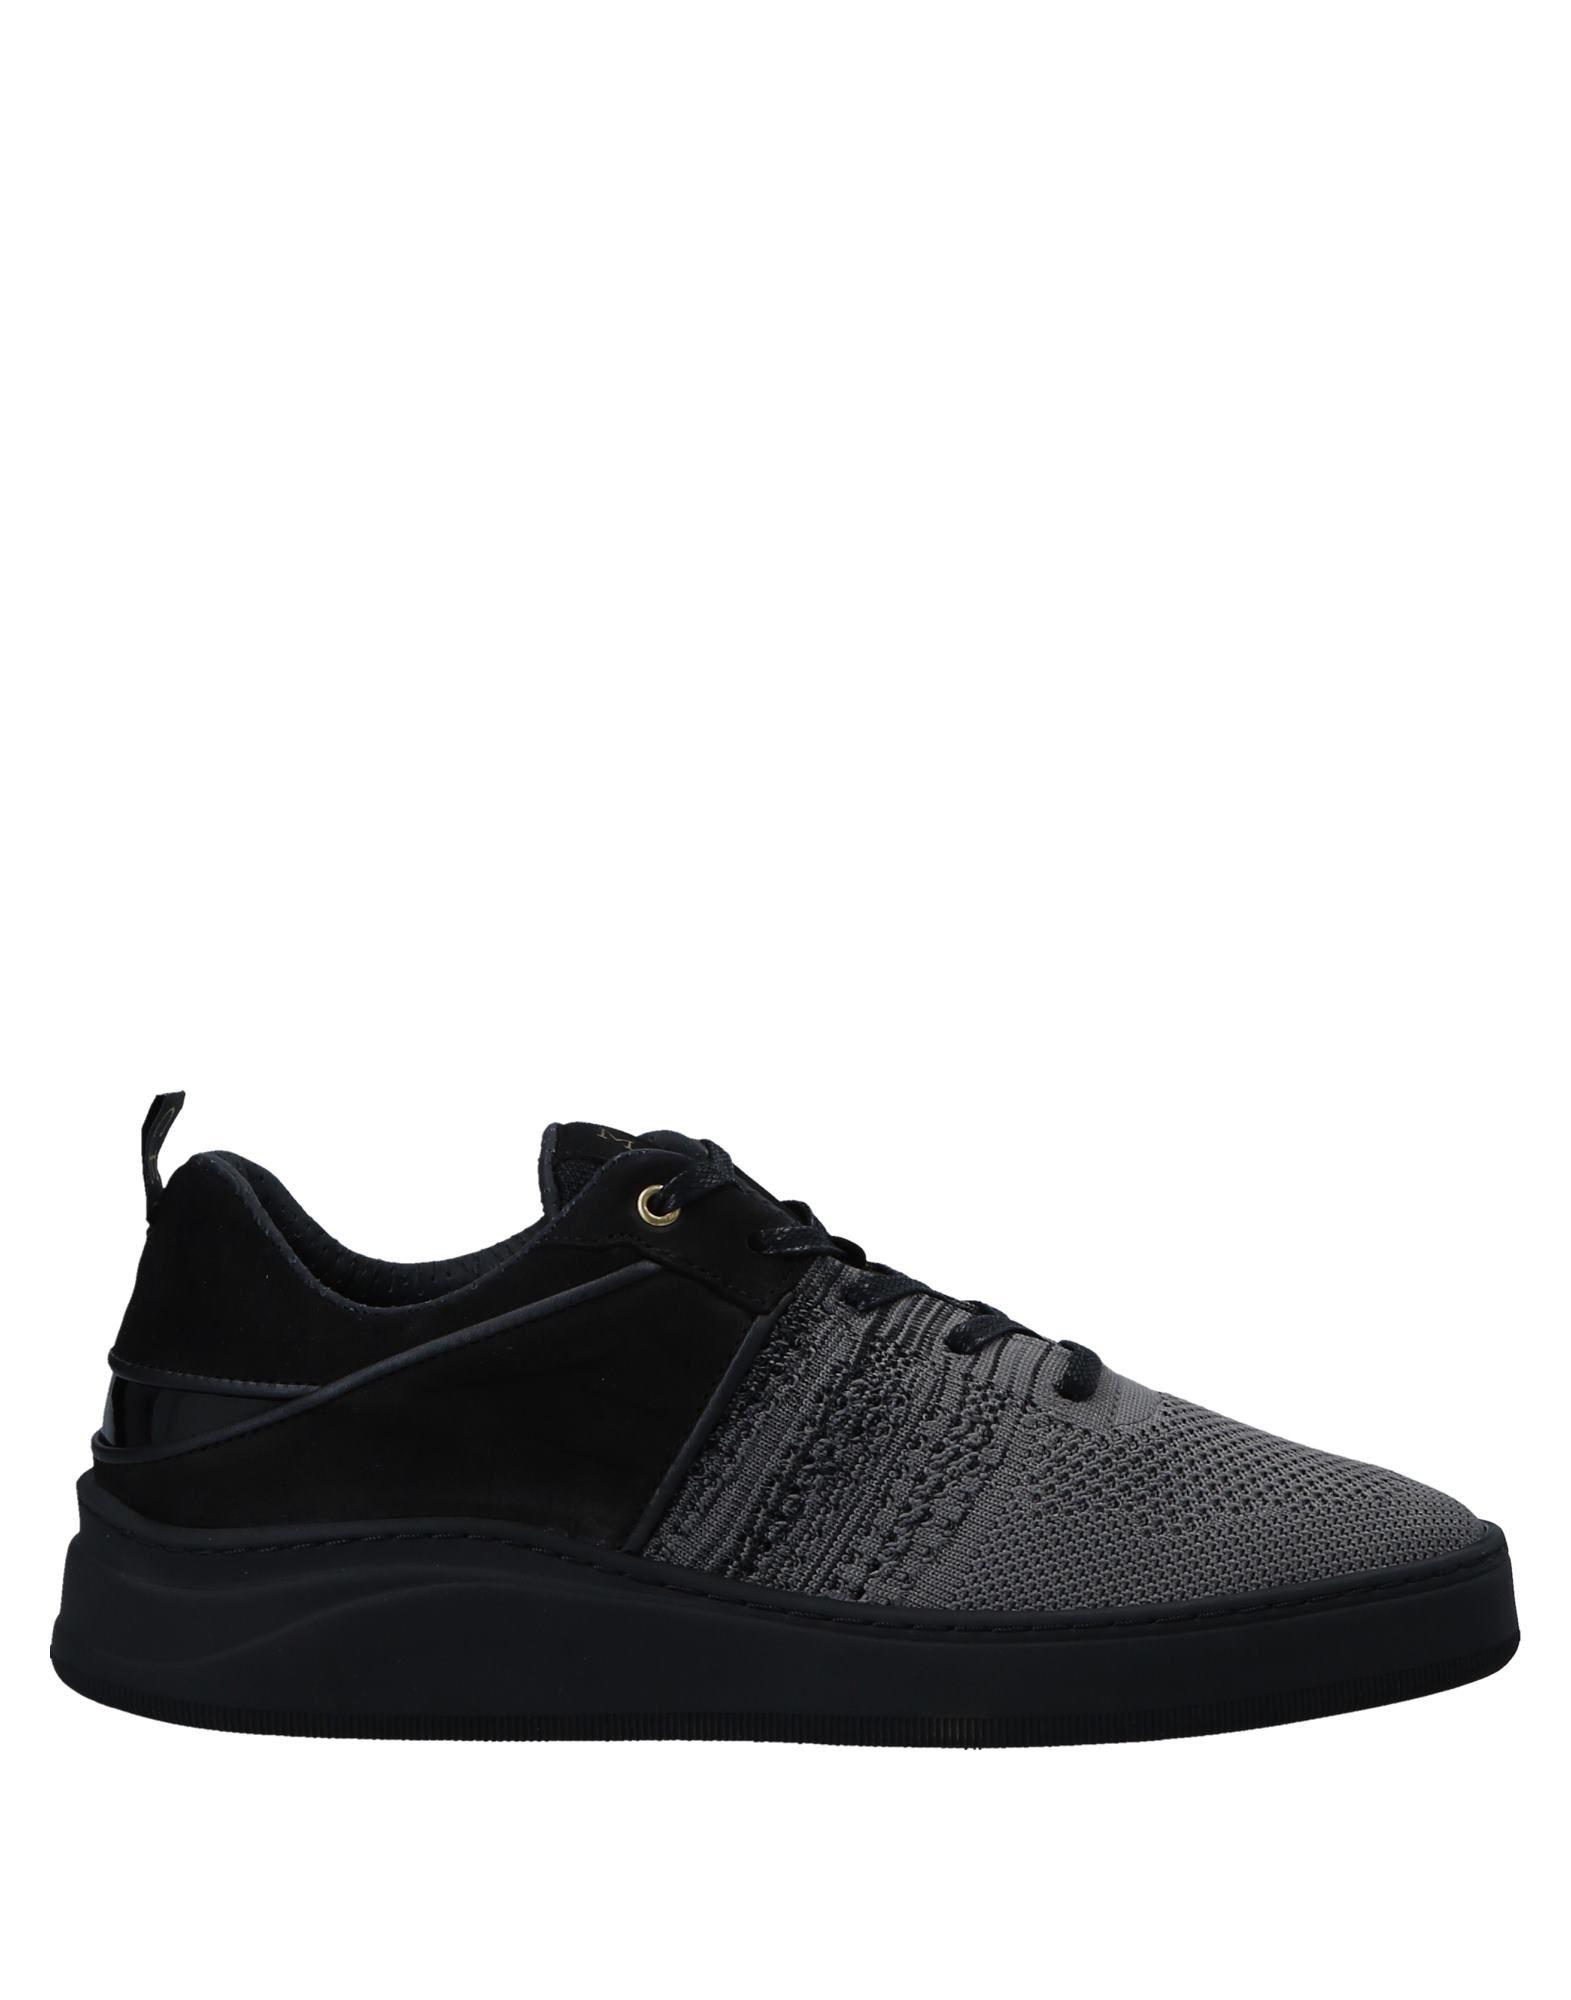 Mercer Amsterdam Sneakers - Men Mercer Amsterdam Sneakers online on 11558955GT  United Kingdom - 11558955GT on e182e0